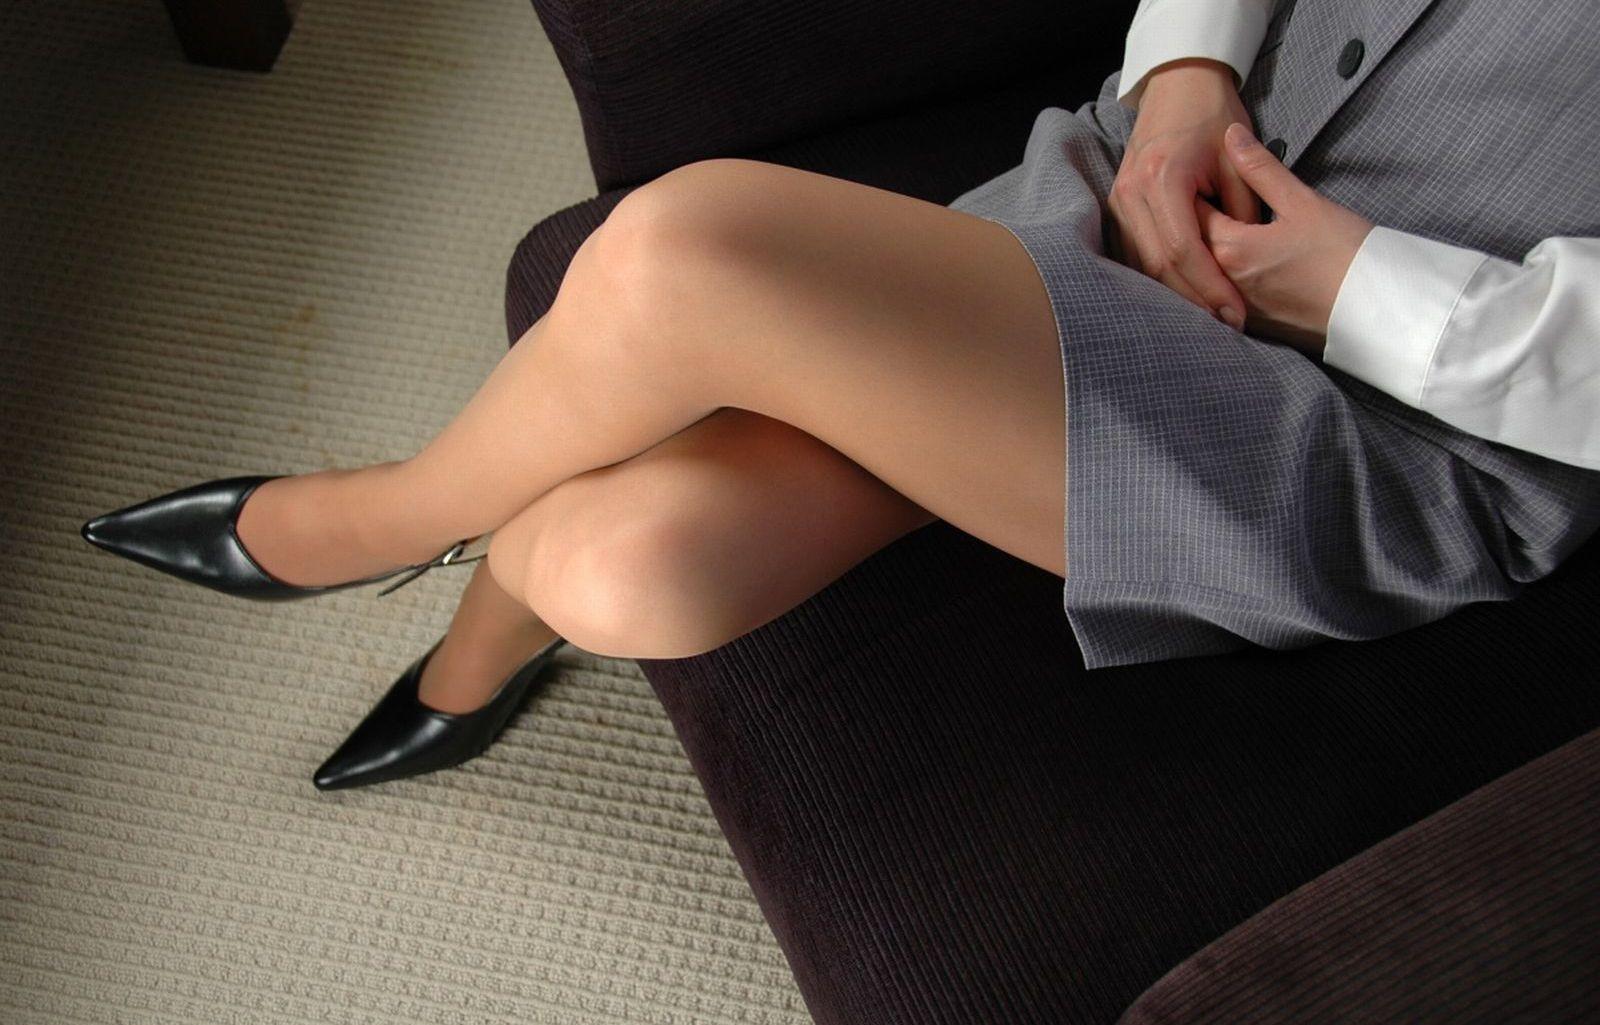 【太ももエロ画像】普通に座るより色香アップ!組んでムッチリが際立った美脚www 02